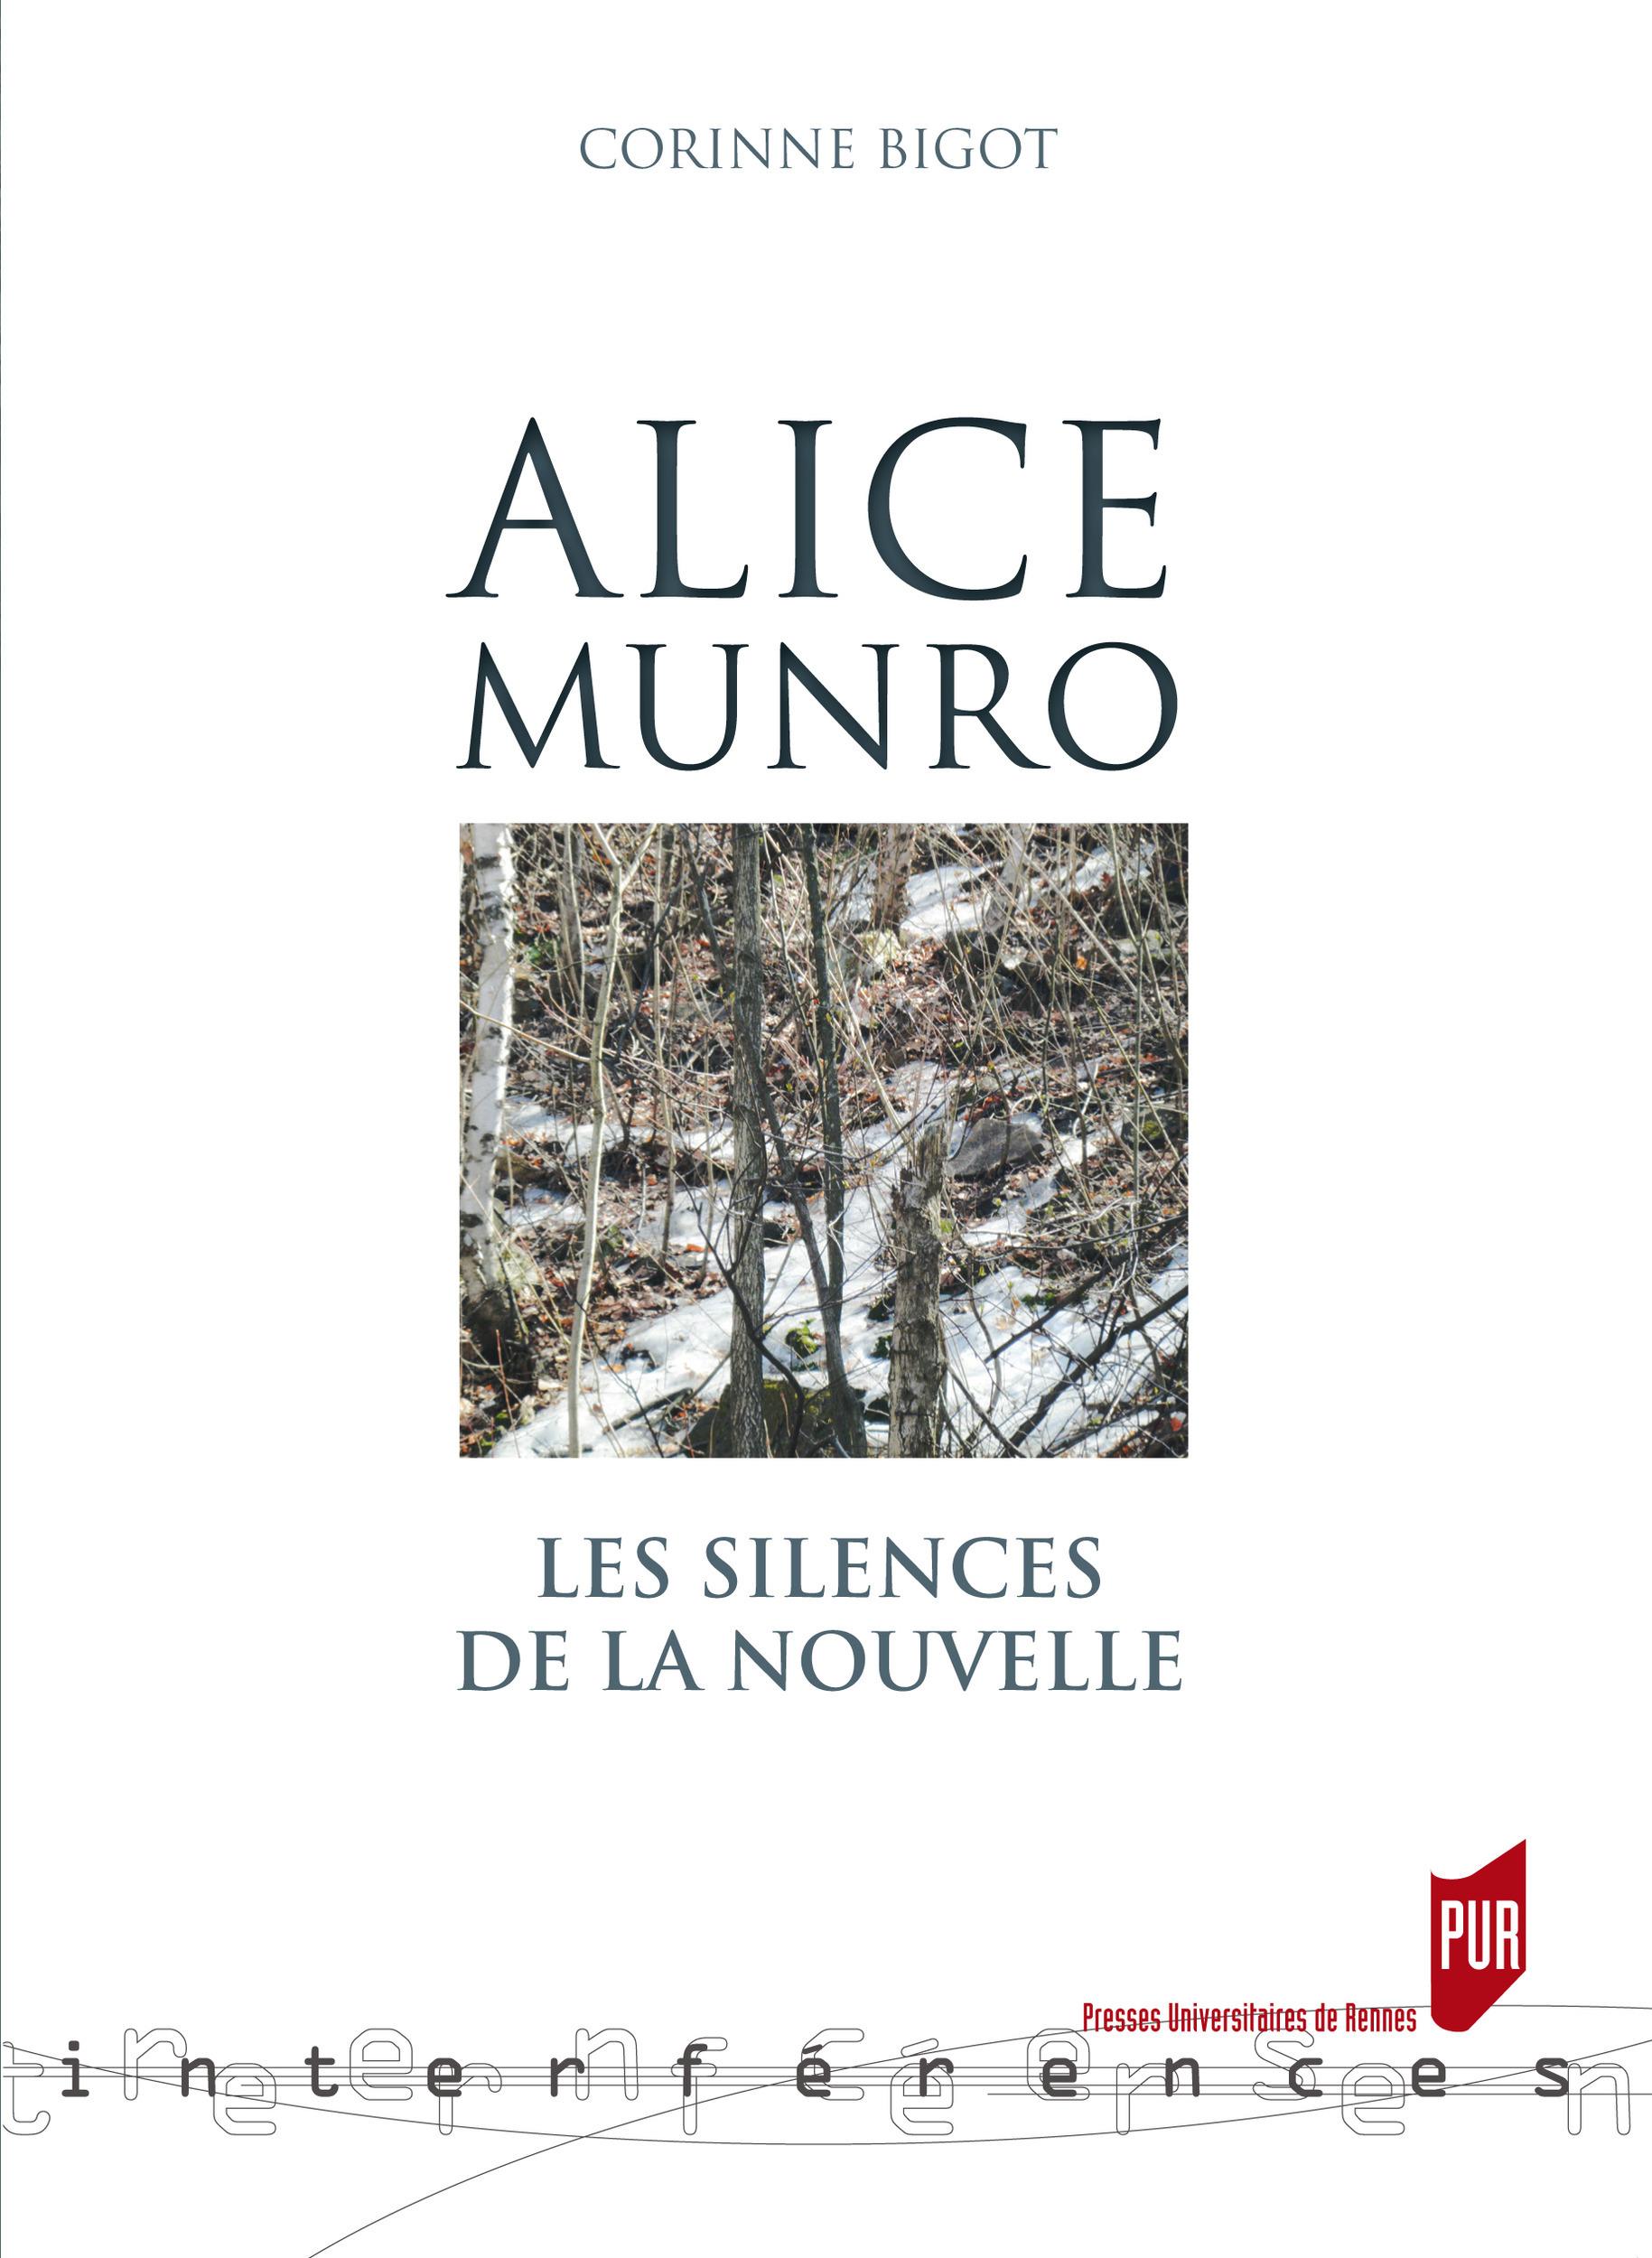 Alice Munro  - Corinne Bigot